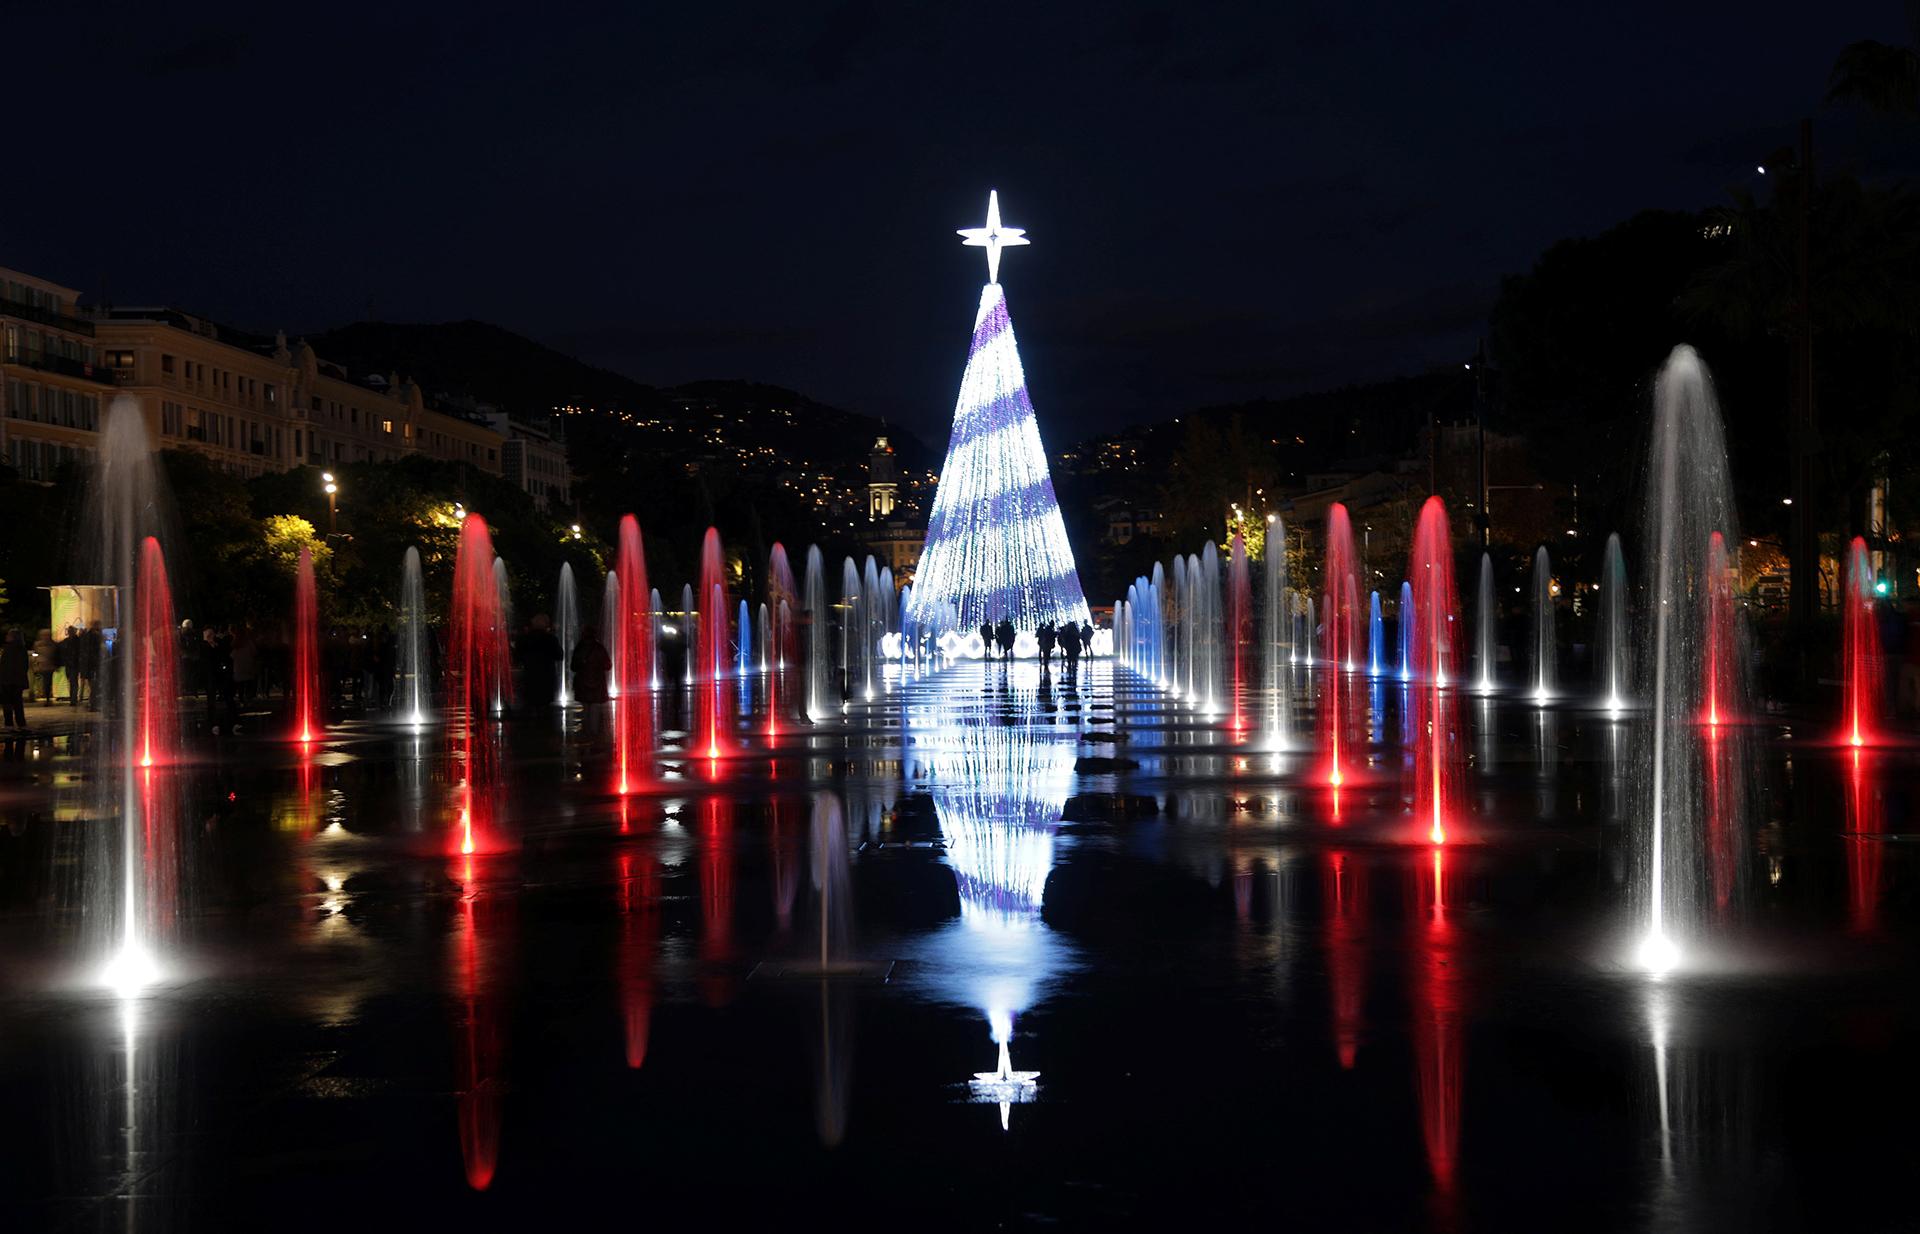 Este árbol rodeado de fuentes se encuentra en Niza, Francia